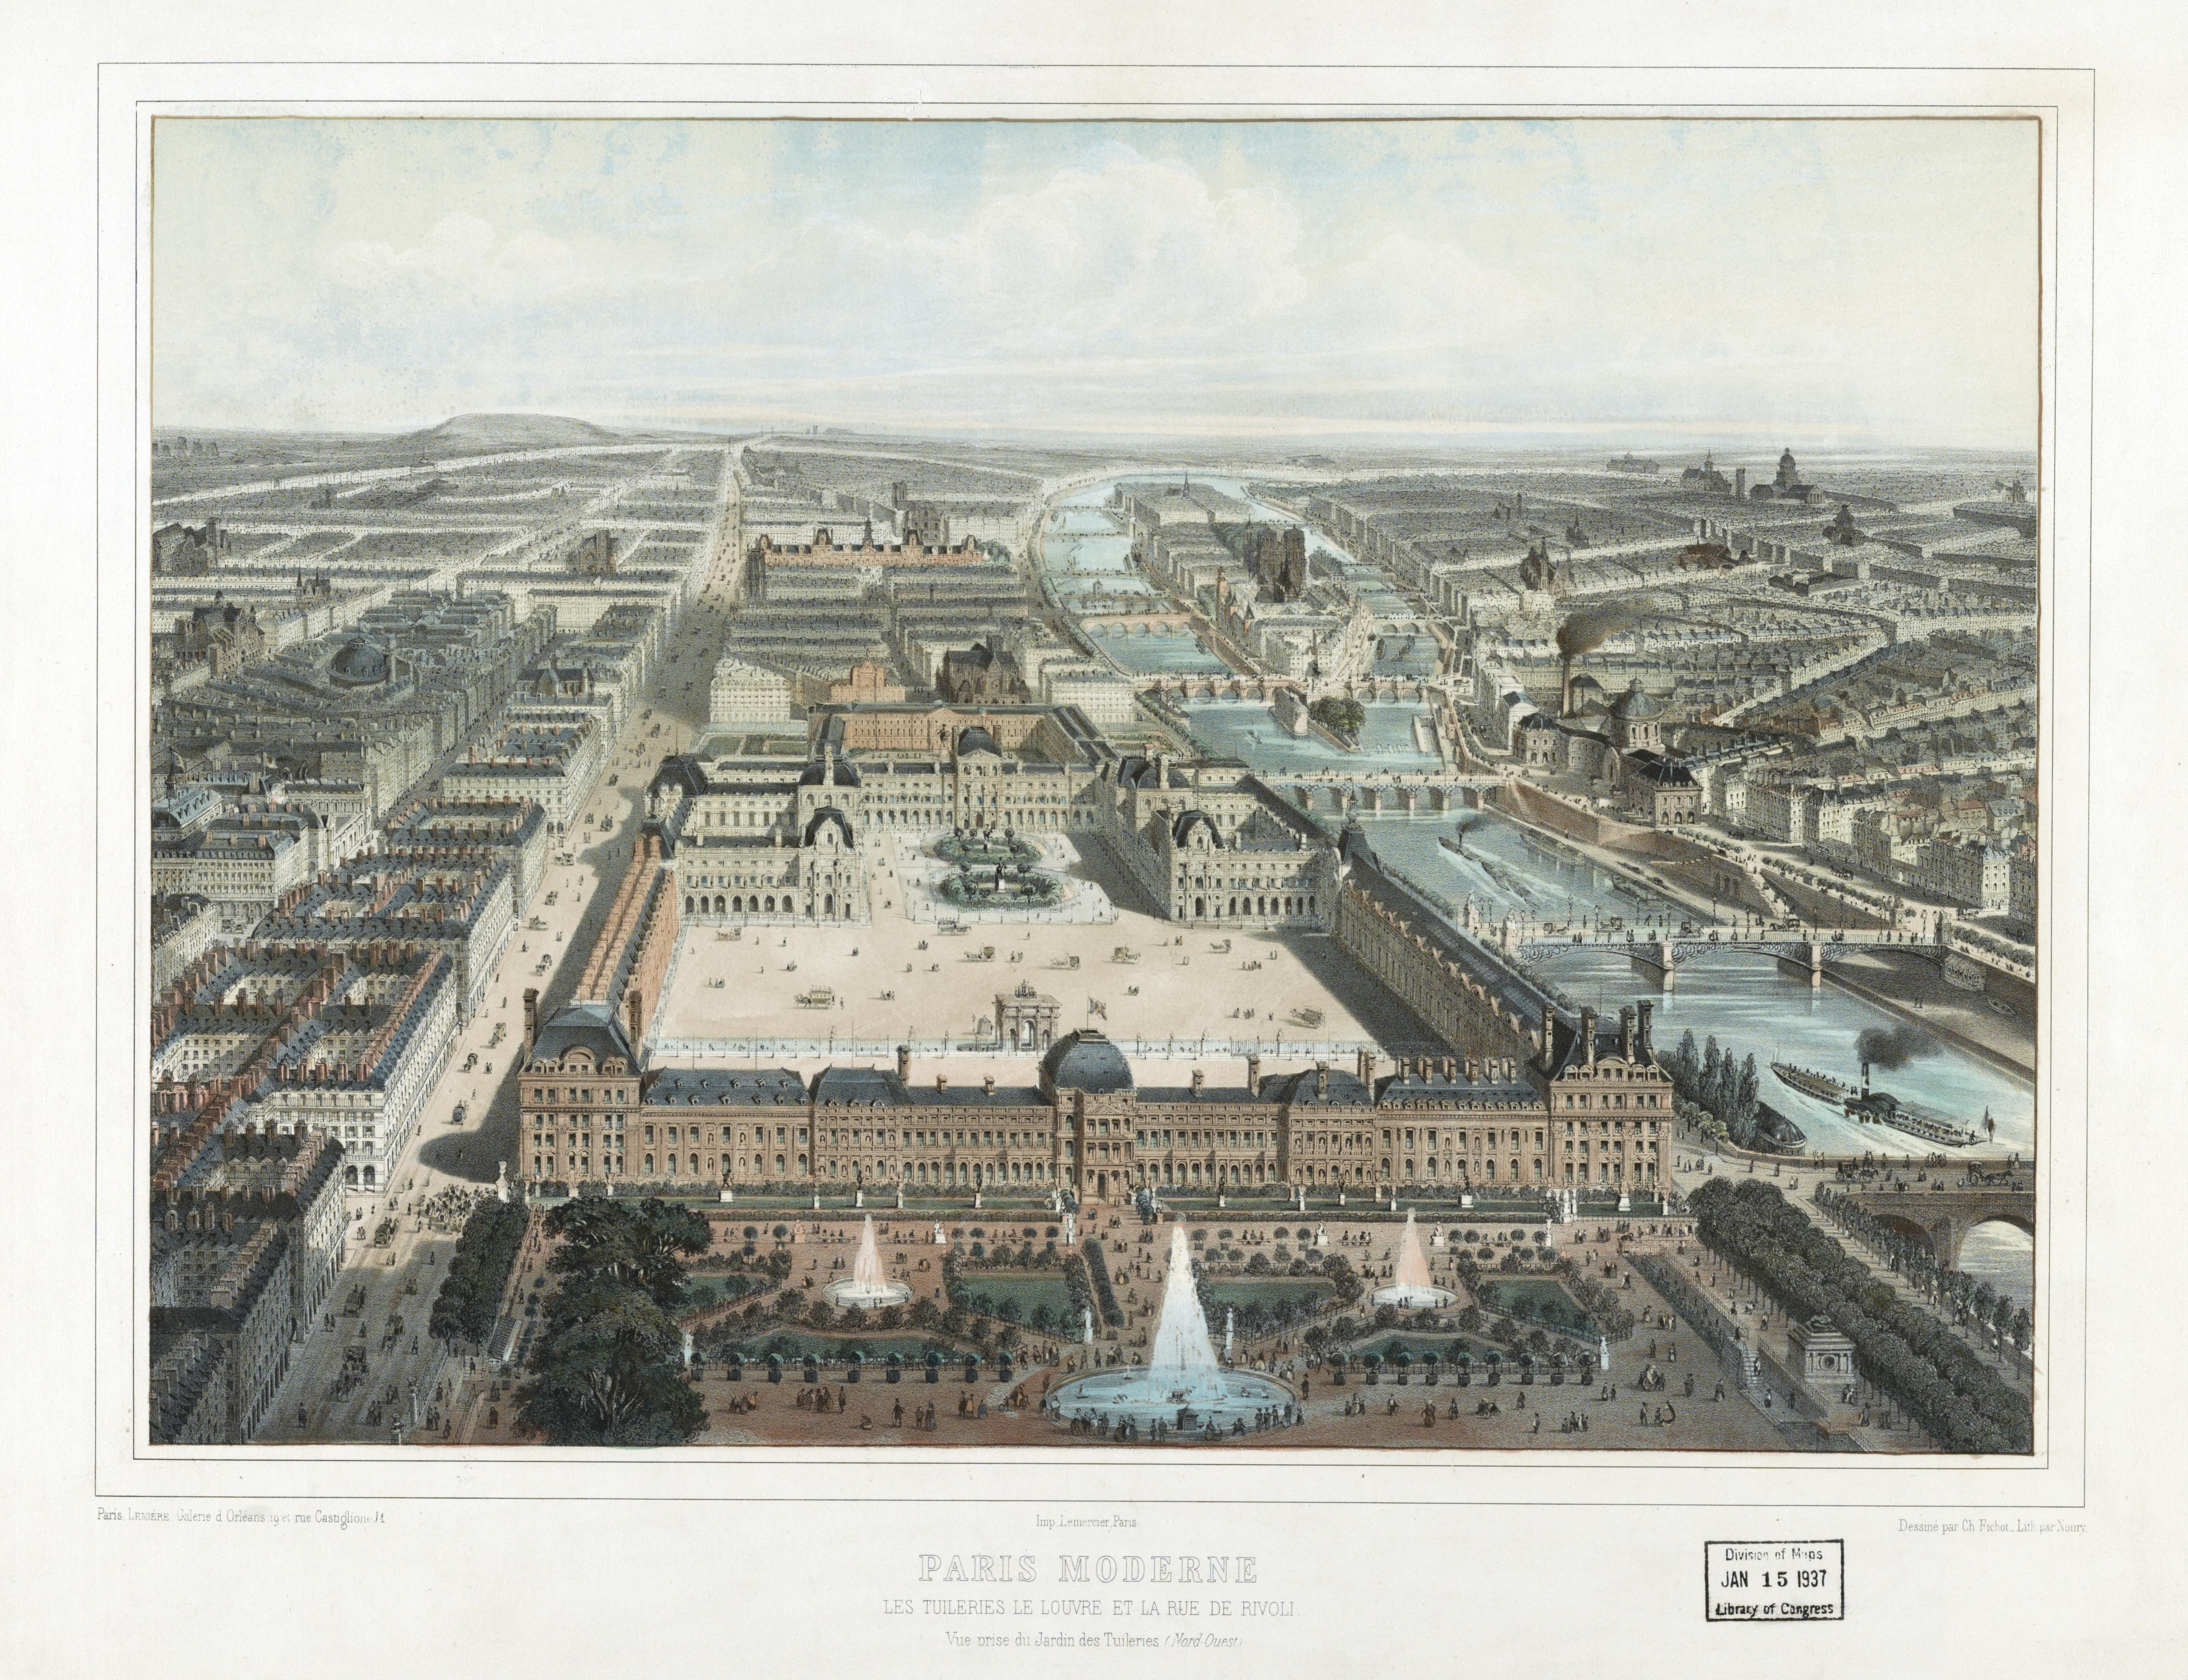 File:Paris moderne. Les Tuileries, le Louvre, et la rue de Rivoli ...